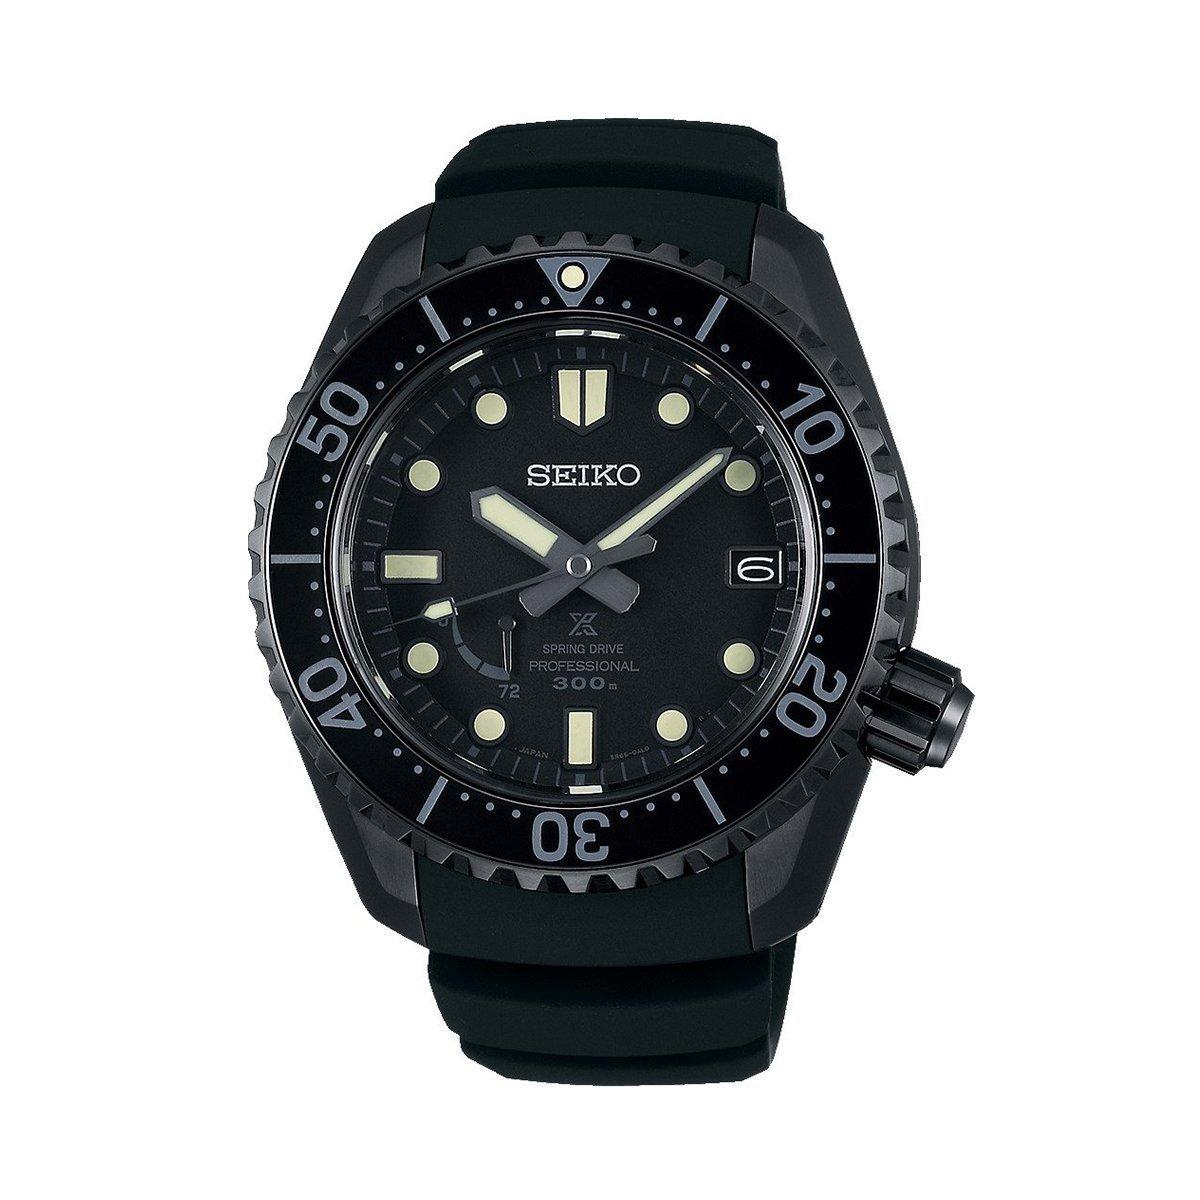 Montre Seiko Prospex Spring Drive Diver's Black Edition SNR031J1